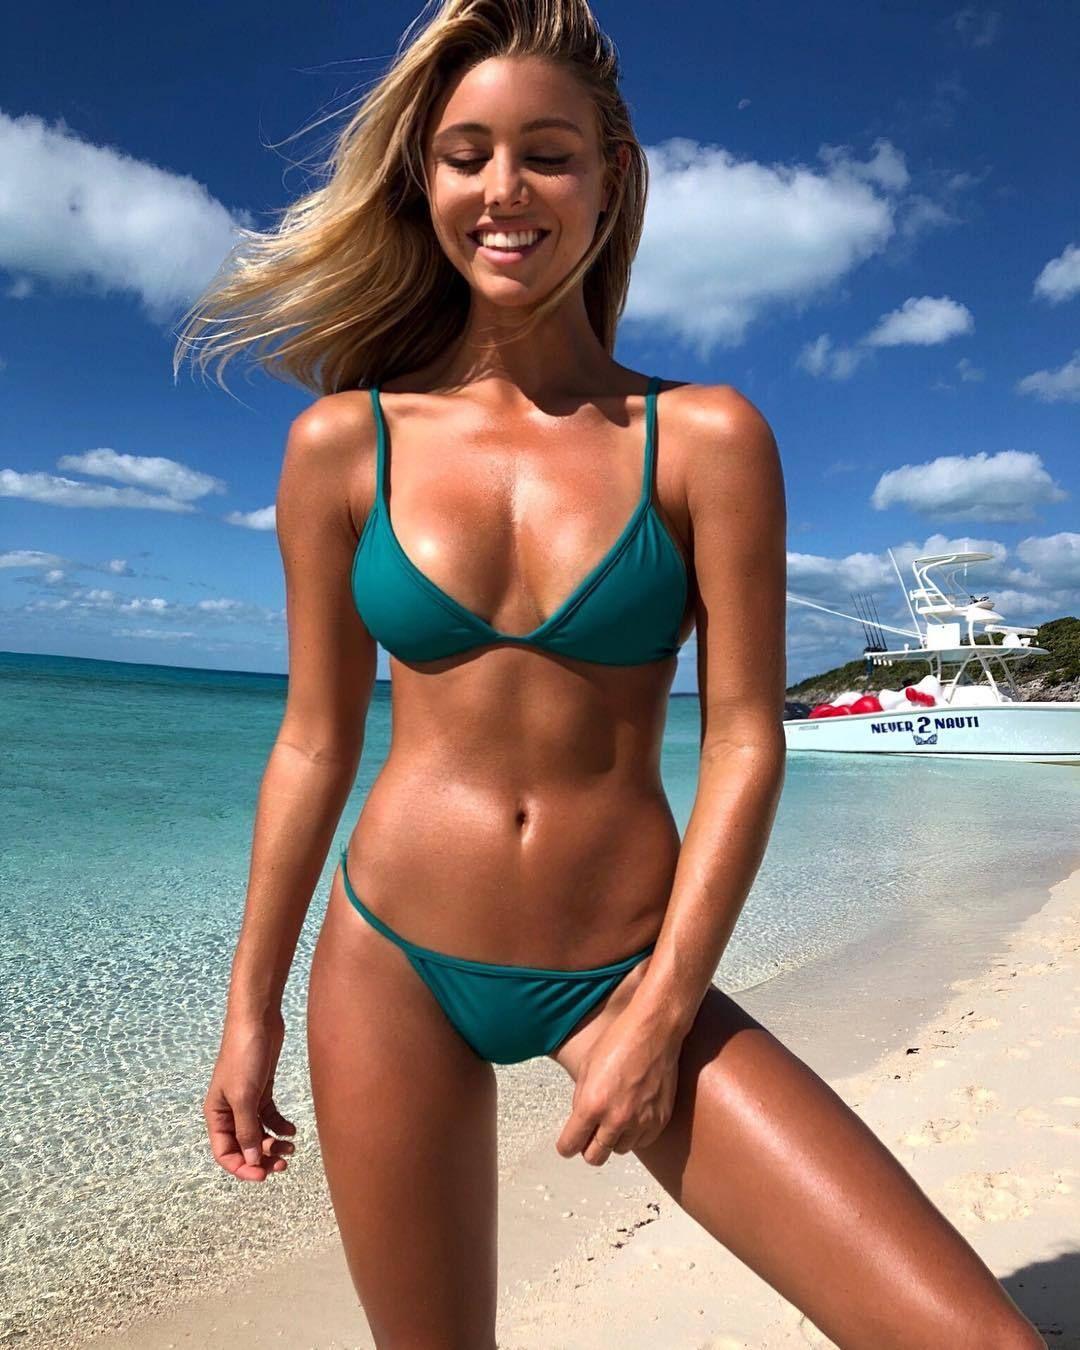 ボード bikini girls のピン